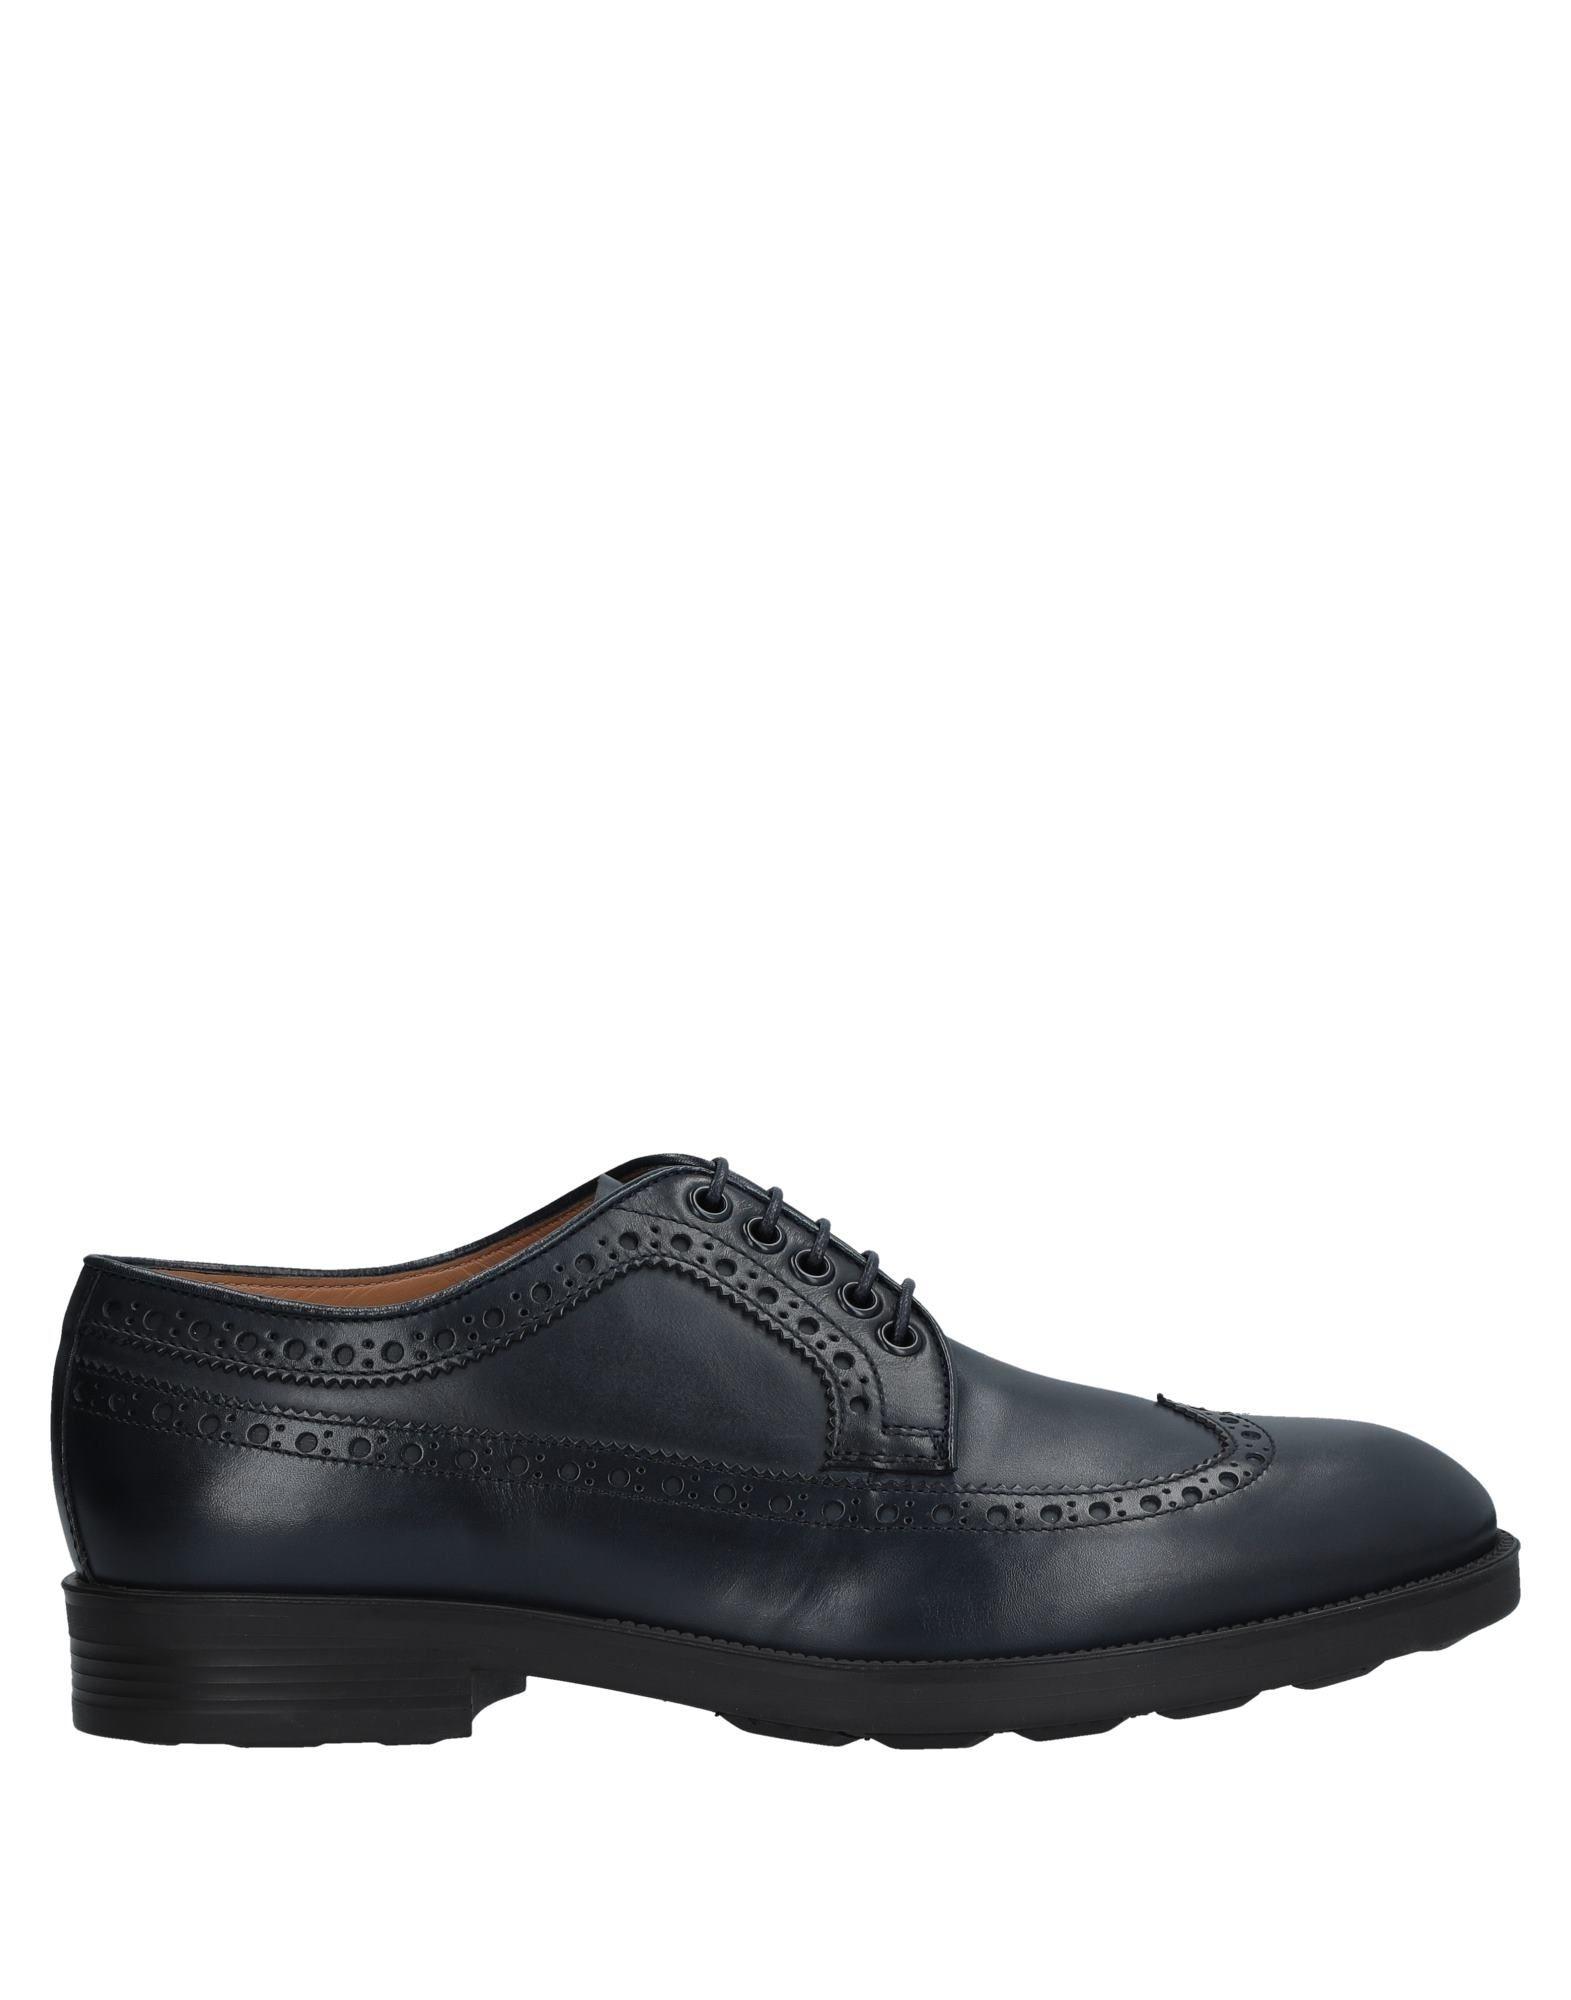 Fabi Schnürschuhe Herren  11542988RX Gute Qualität beliebte Schuhe